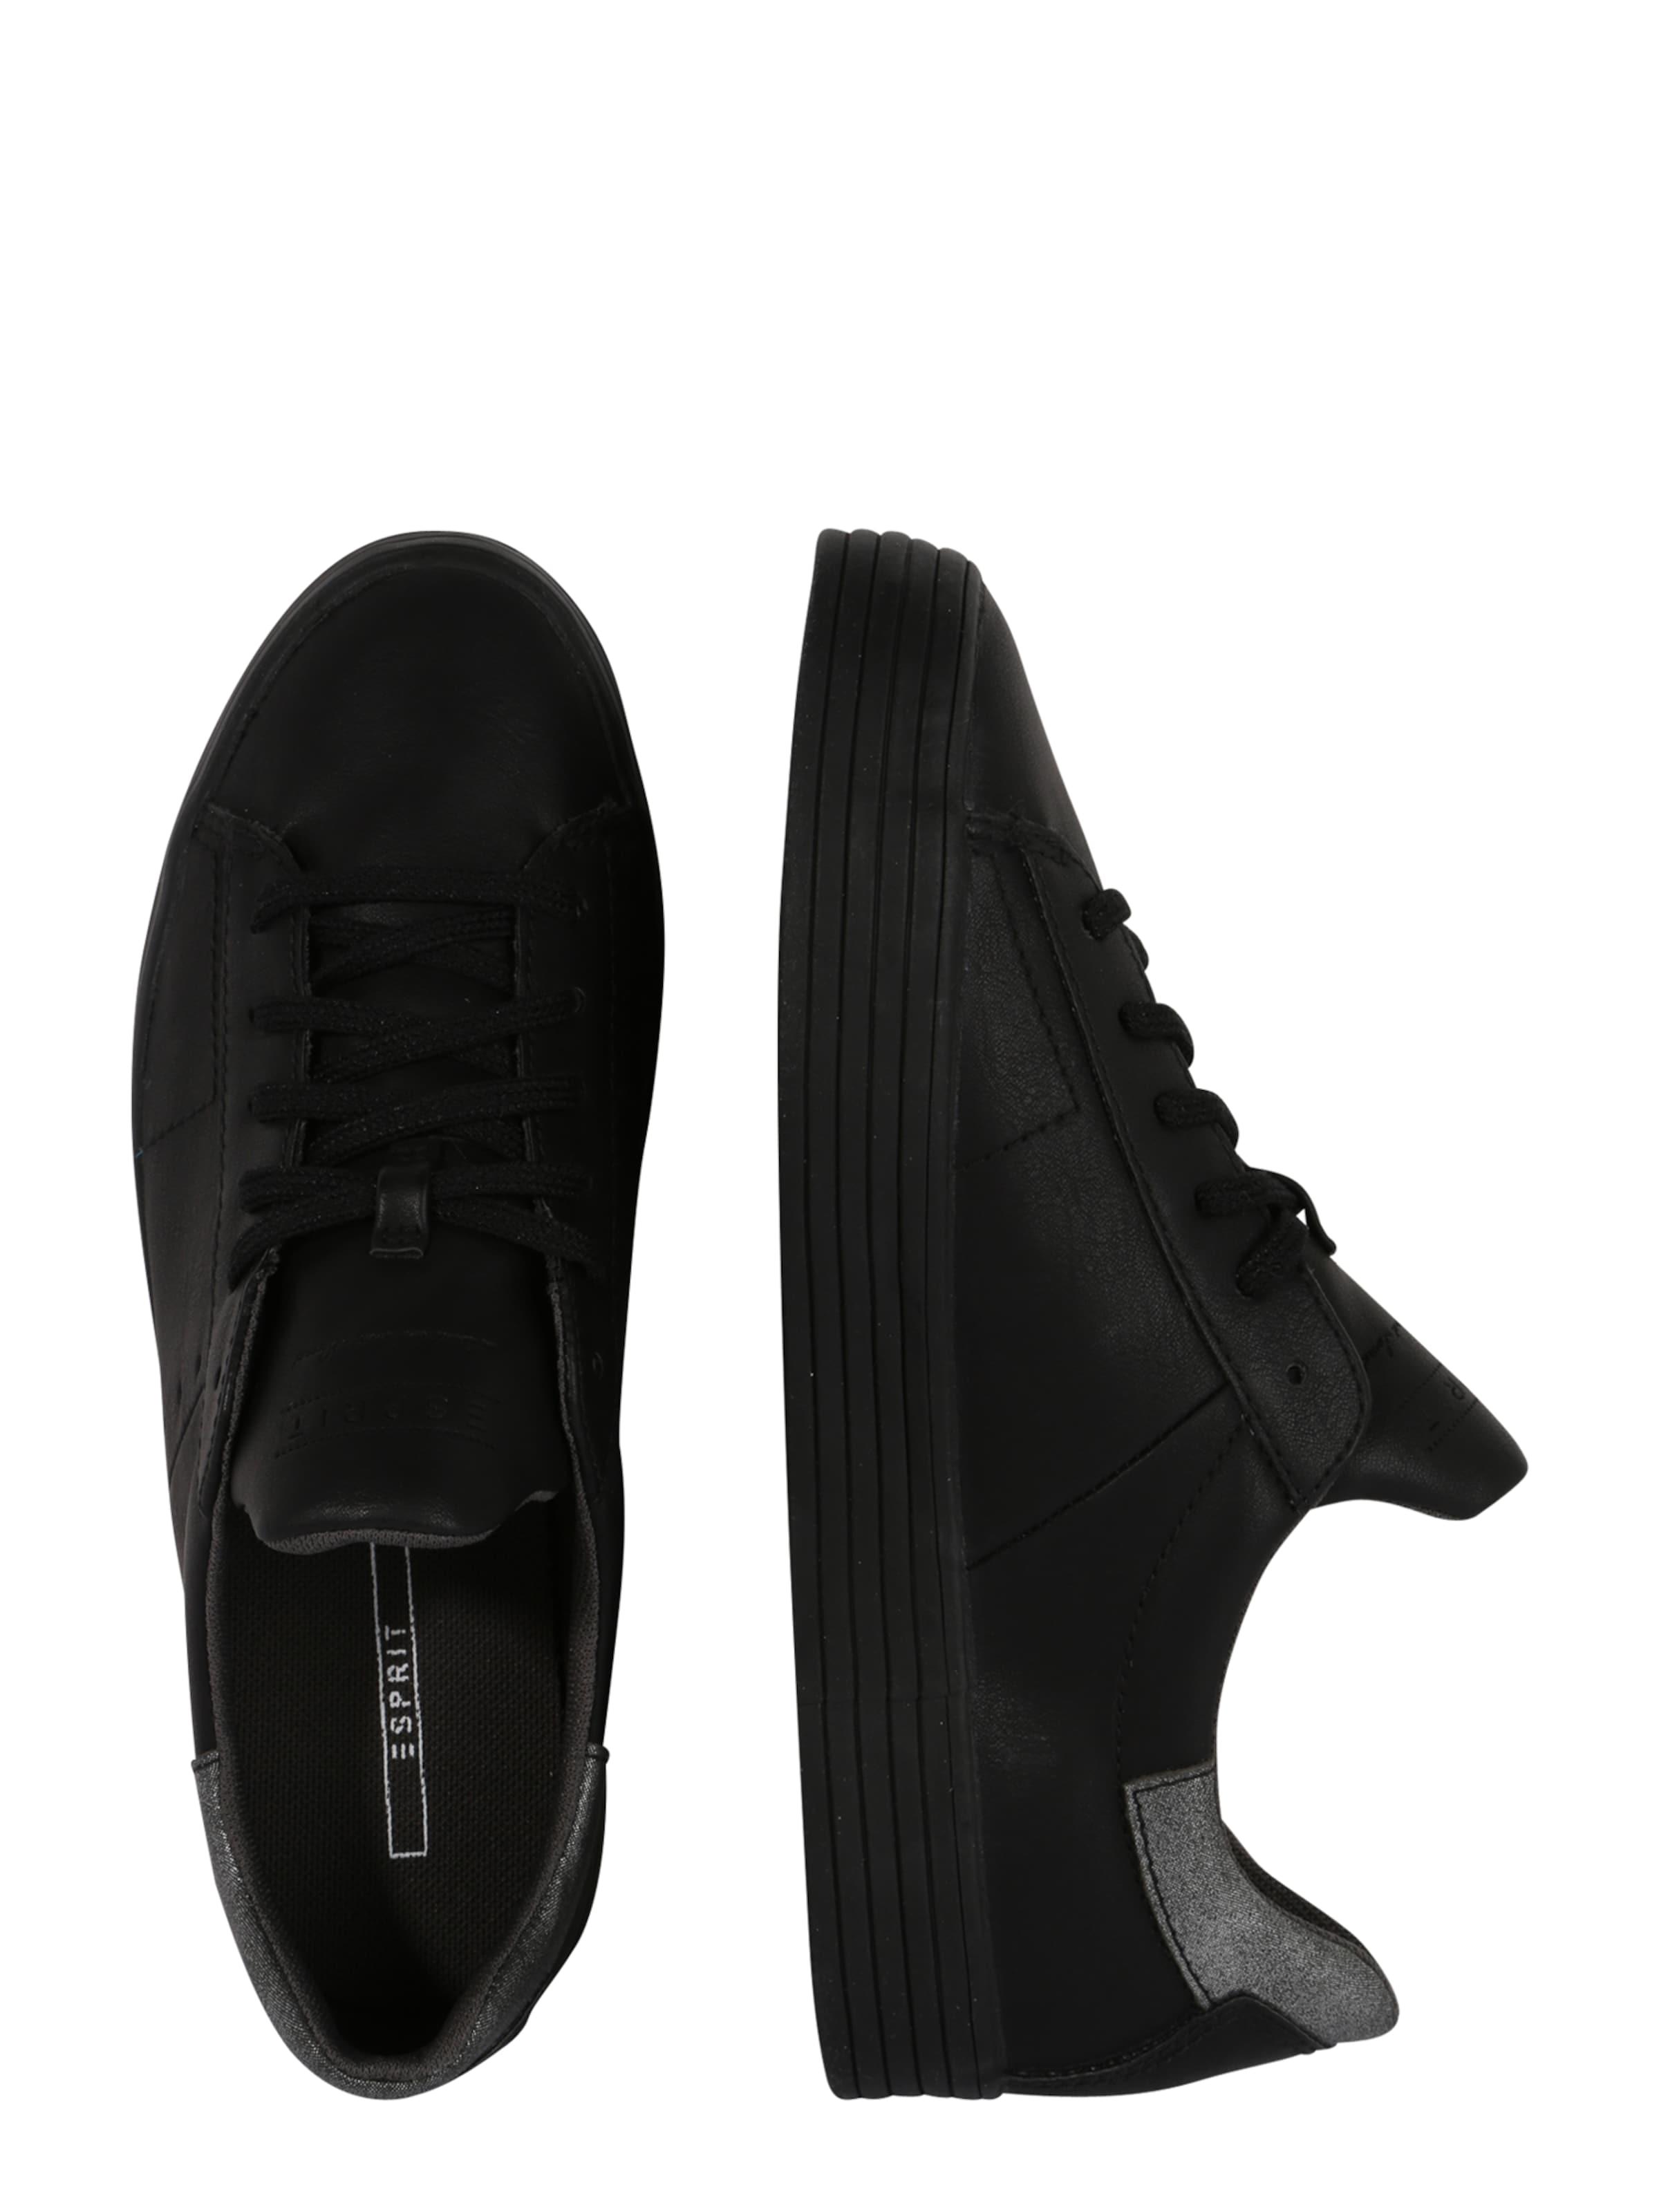 ESPRIT Sneaker 'Sita Lace up' Freies Verschiffen Das Preiswerteste Verkauf Am Besten Billig Verkauf Online-Shopping Ebay Verkauf Online sa5UVAP